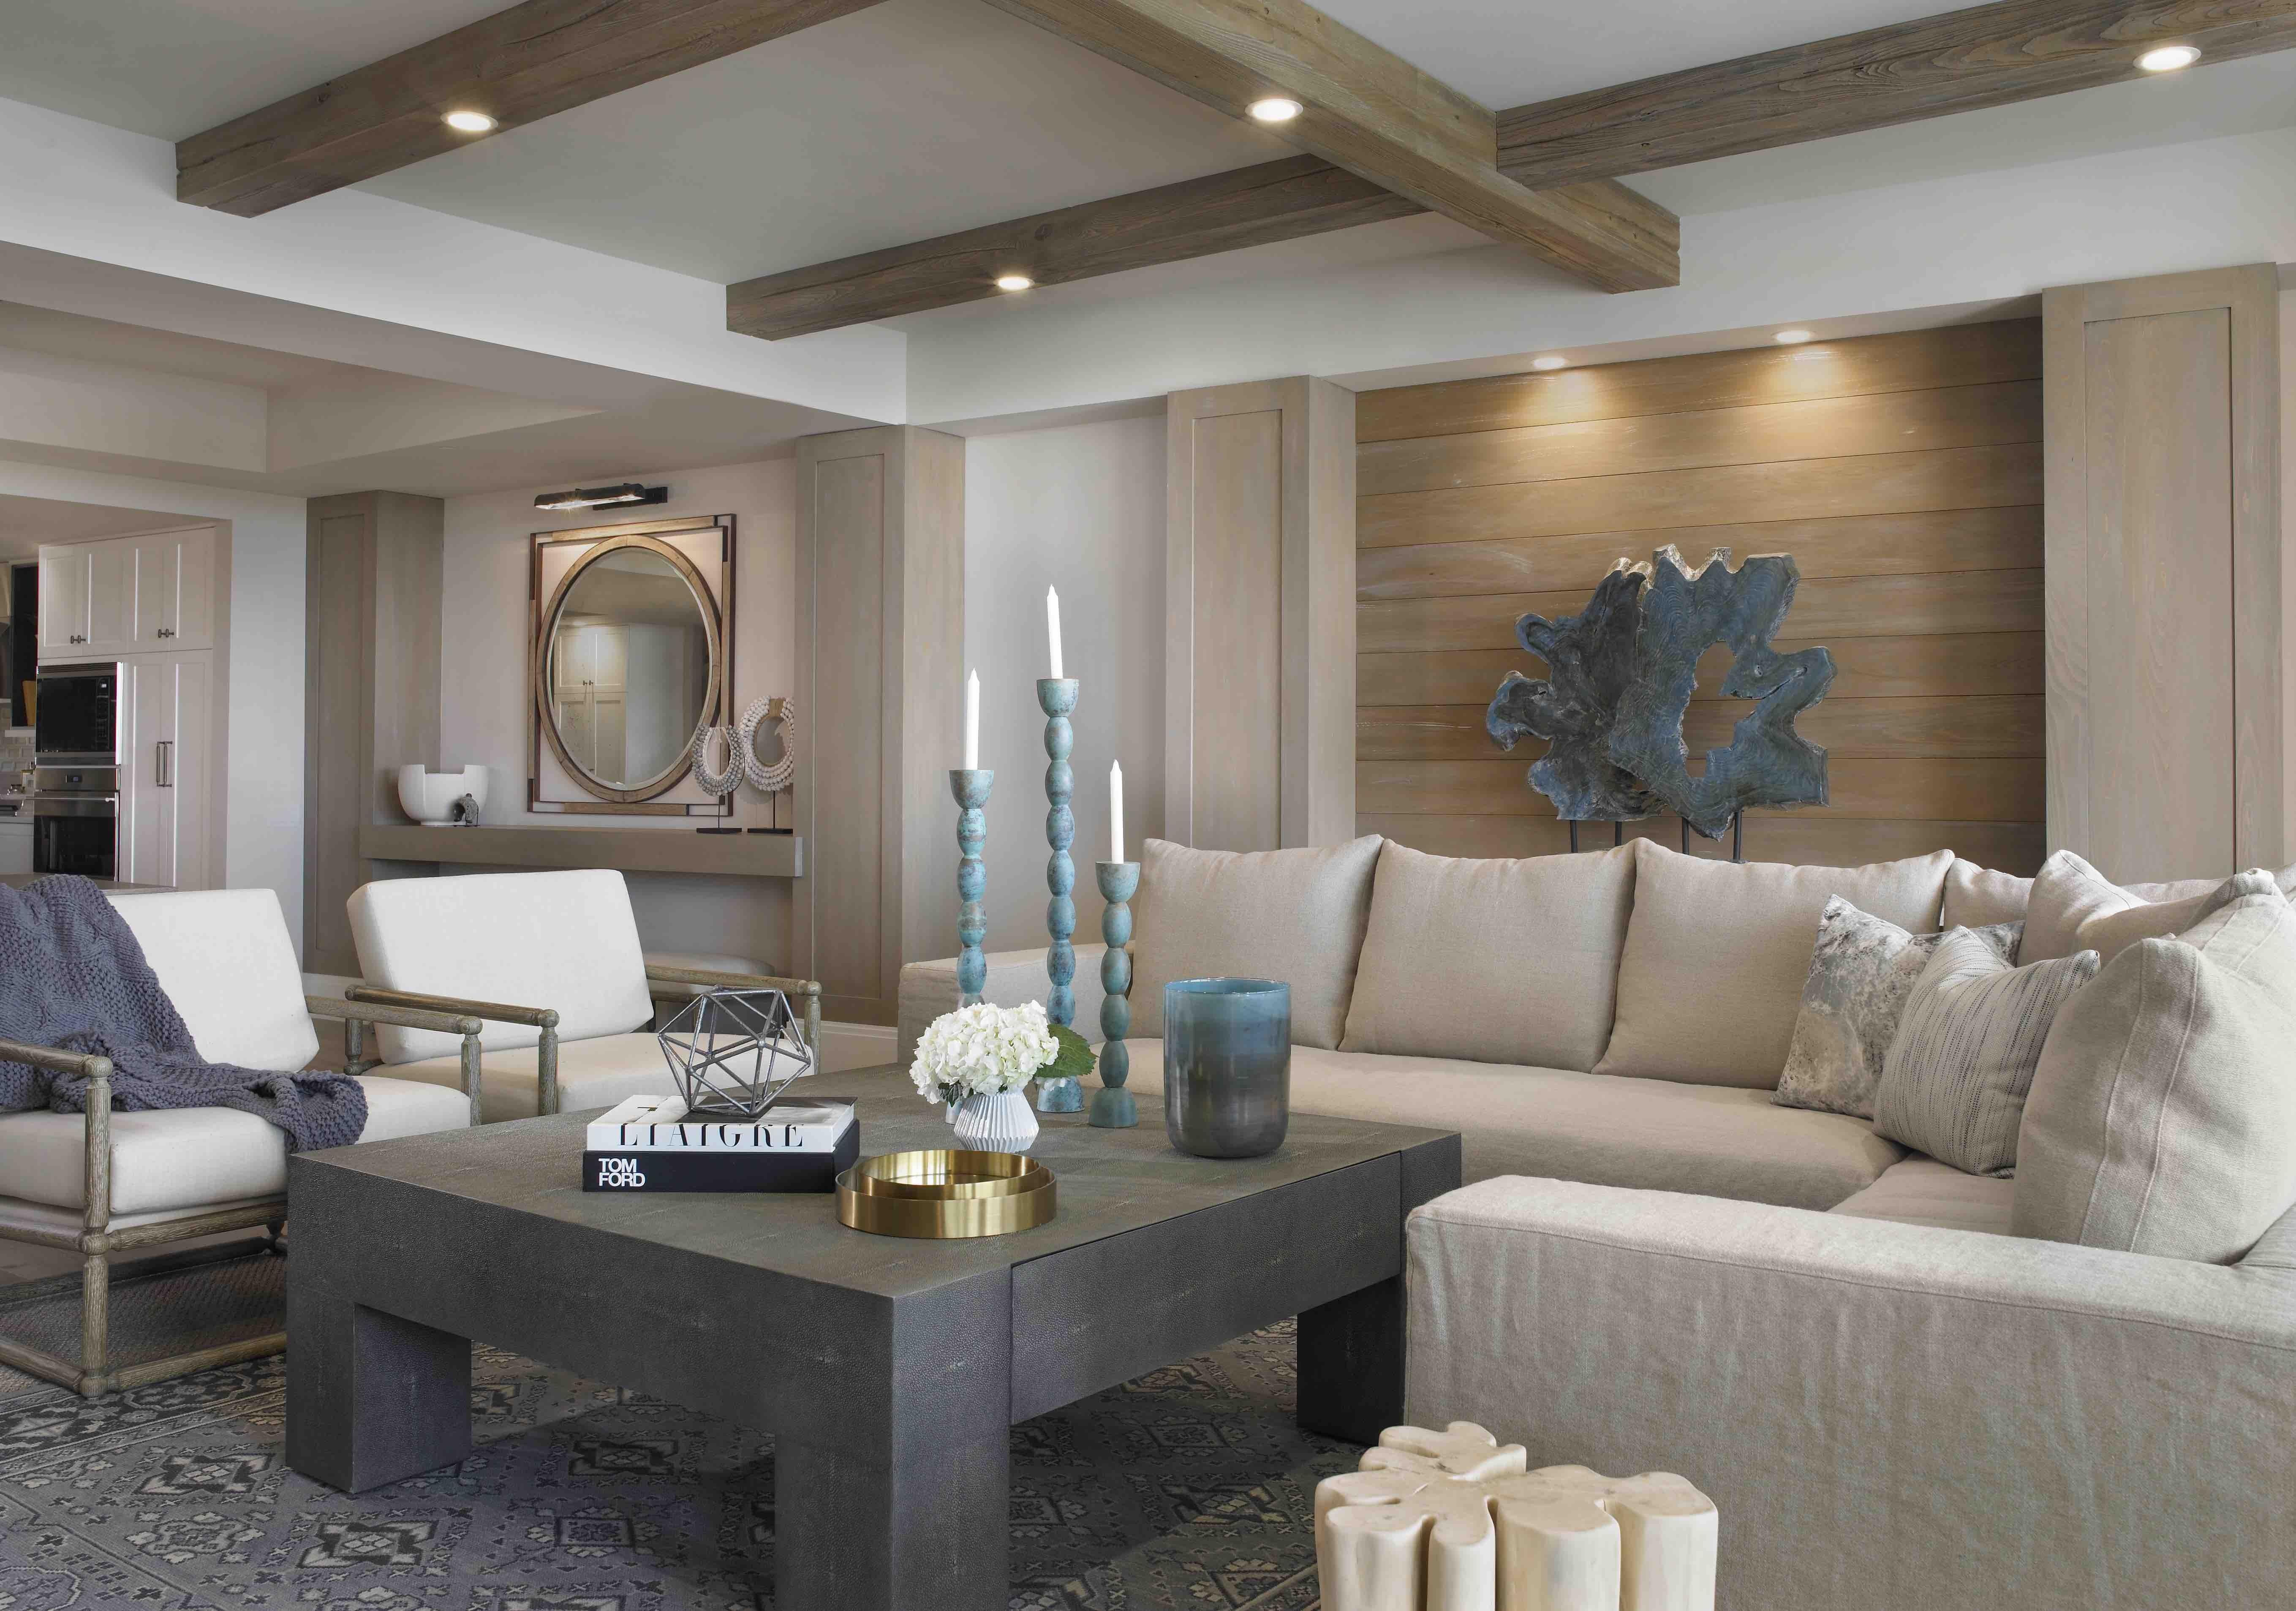 Collins & Dupont Design Group renée gaddis interiors | linkedin